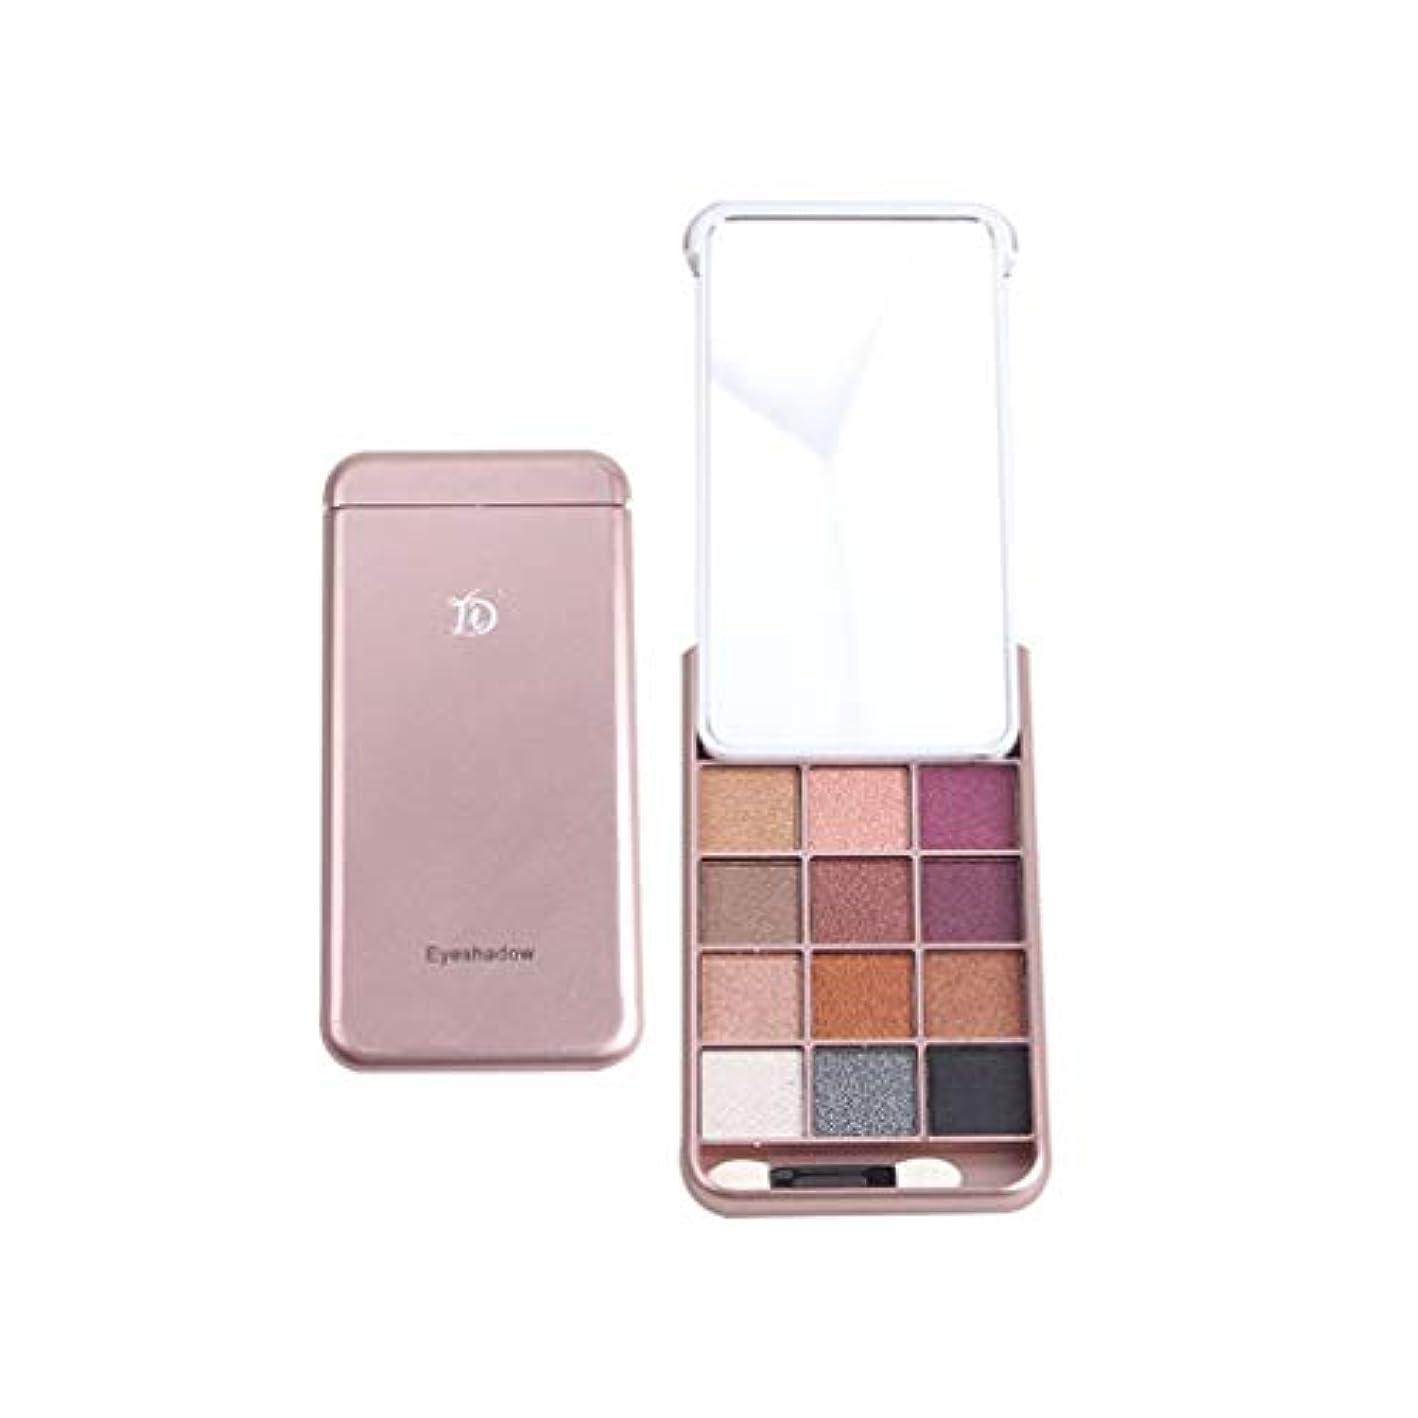 ドキドキ欠席実現可能ファッション模倣携帯電話の目は色に持ち運びが容易かつ簡単にミラー12カラーアイシャドウ皿影